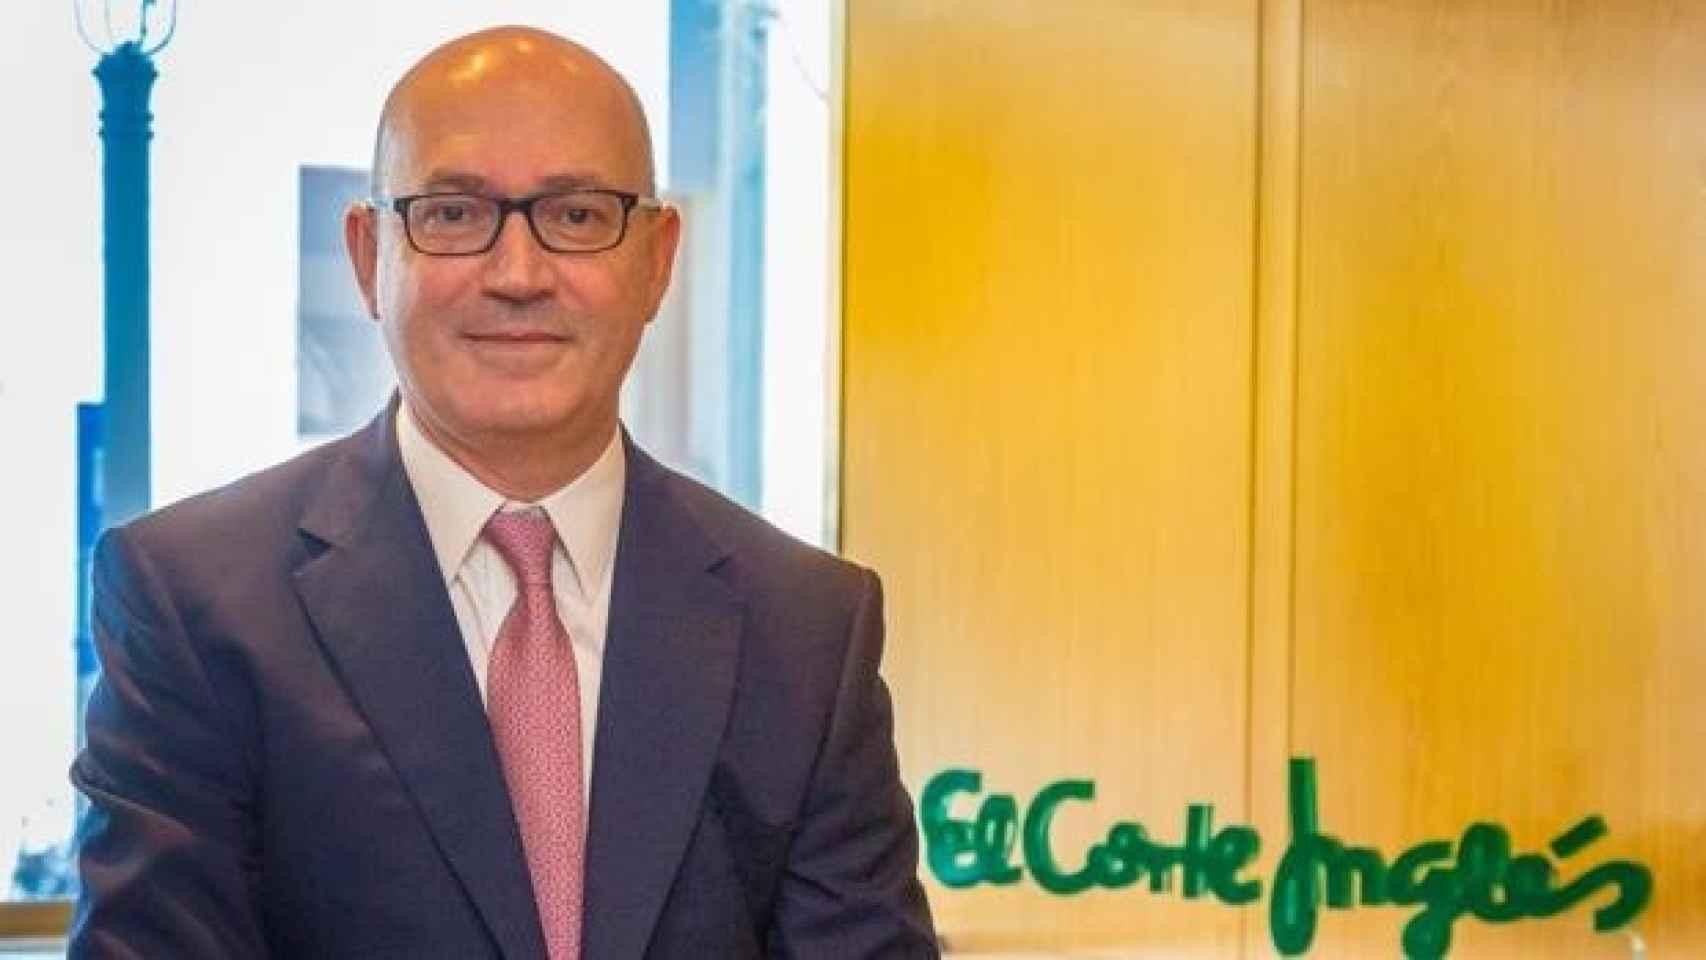 Jesús Nuño de la Rosa,  presidente ejecutivo de El Corte Inglés.